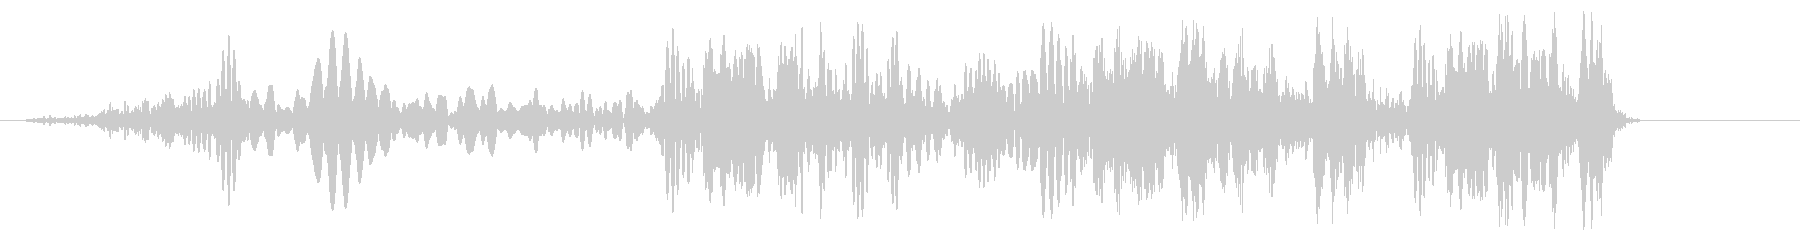 クルクル(ロープを巻く)の未再生の波形